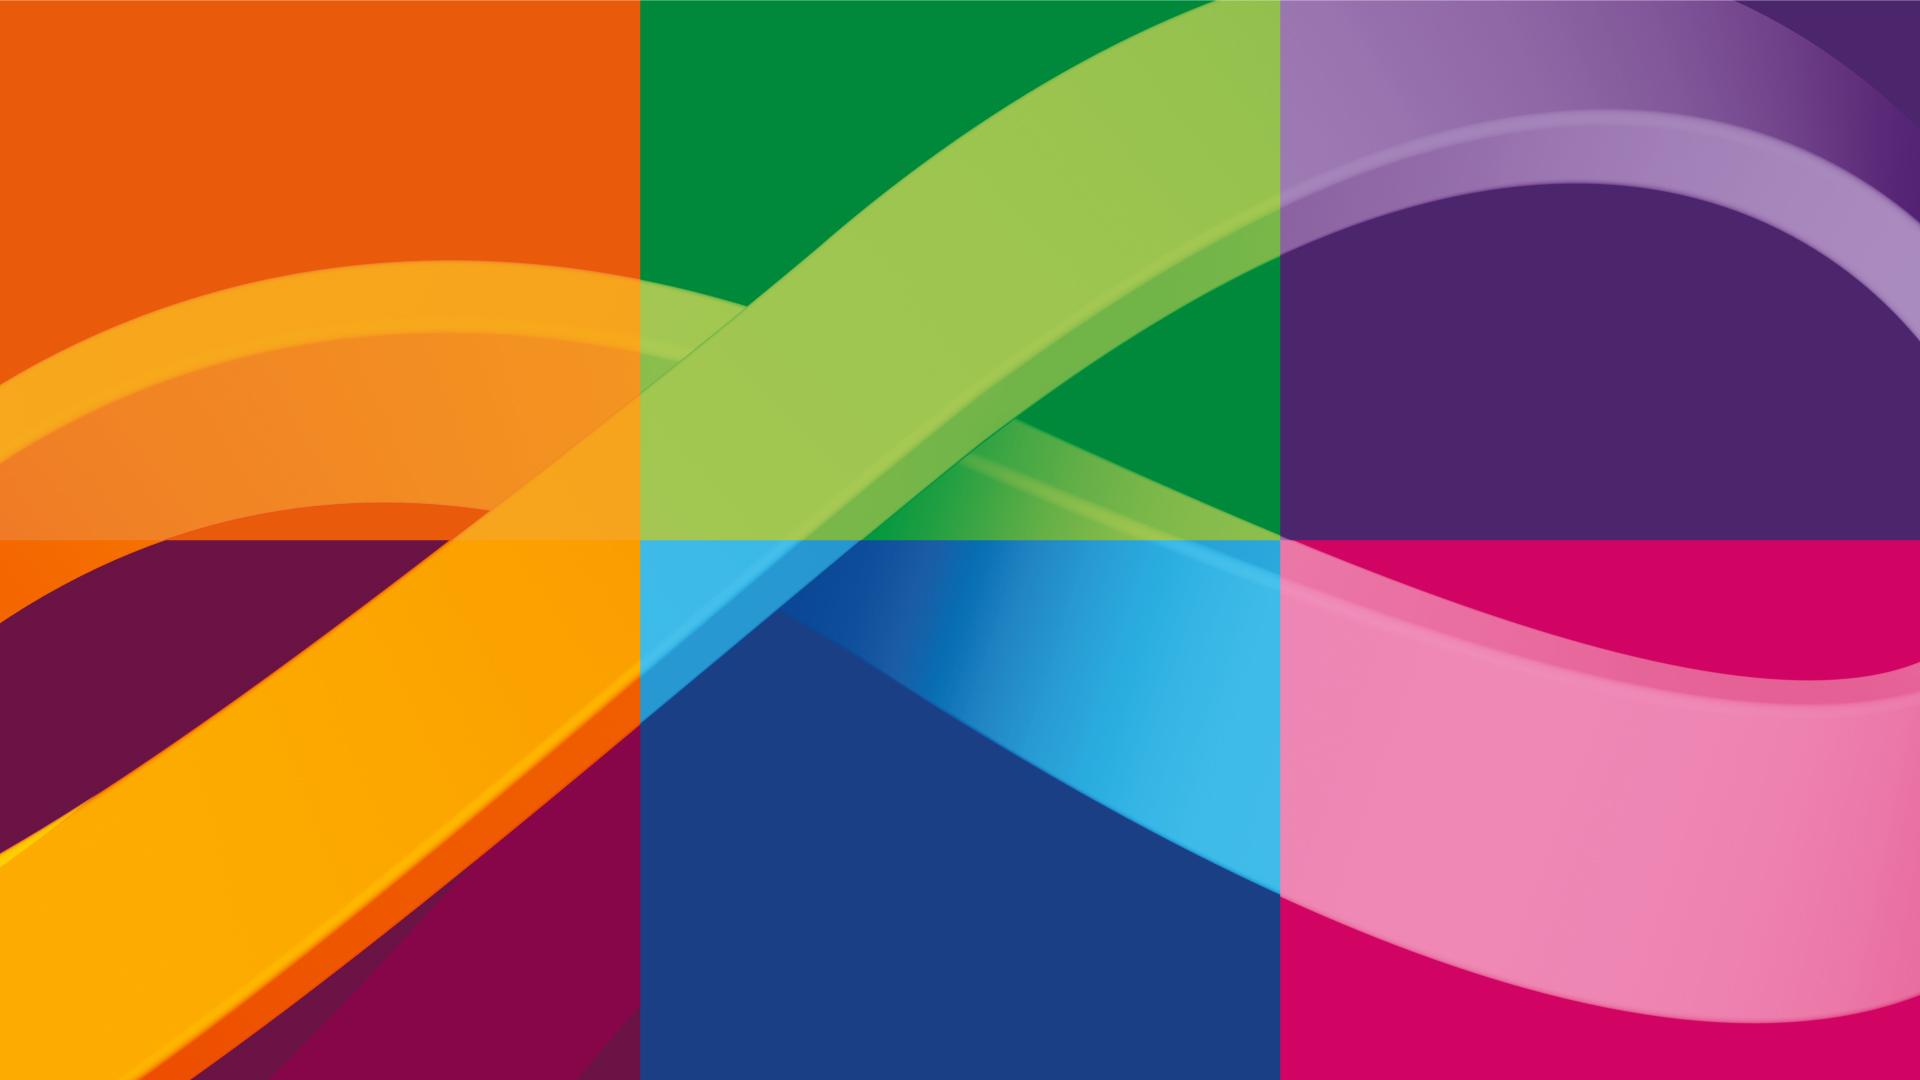 Asgard Branding, corporate identity, Key visual, conferenсe, Science of the Future, logo, design